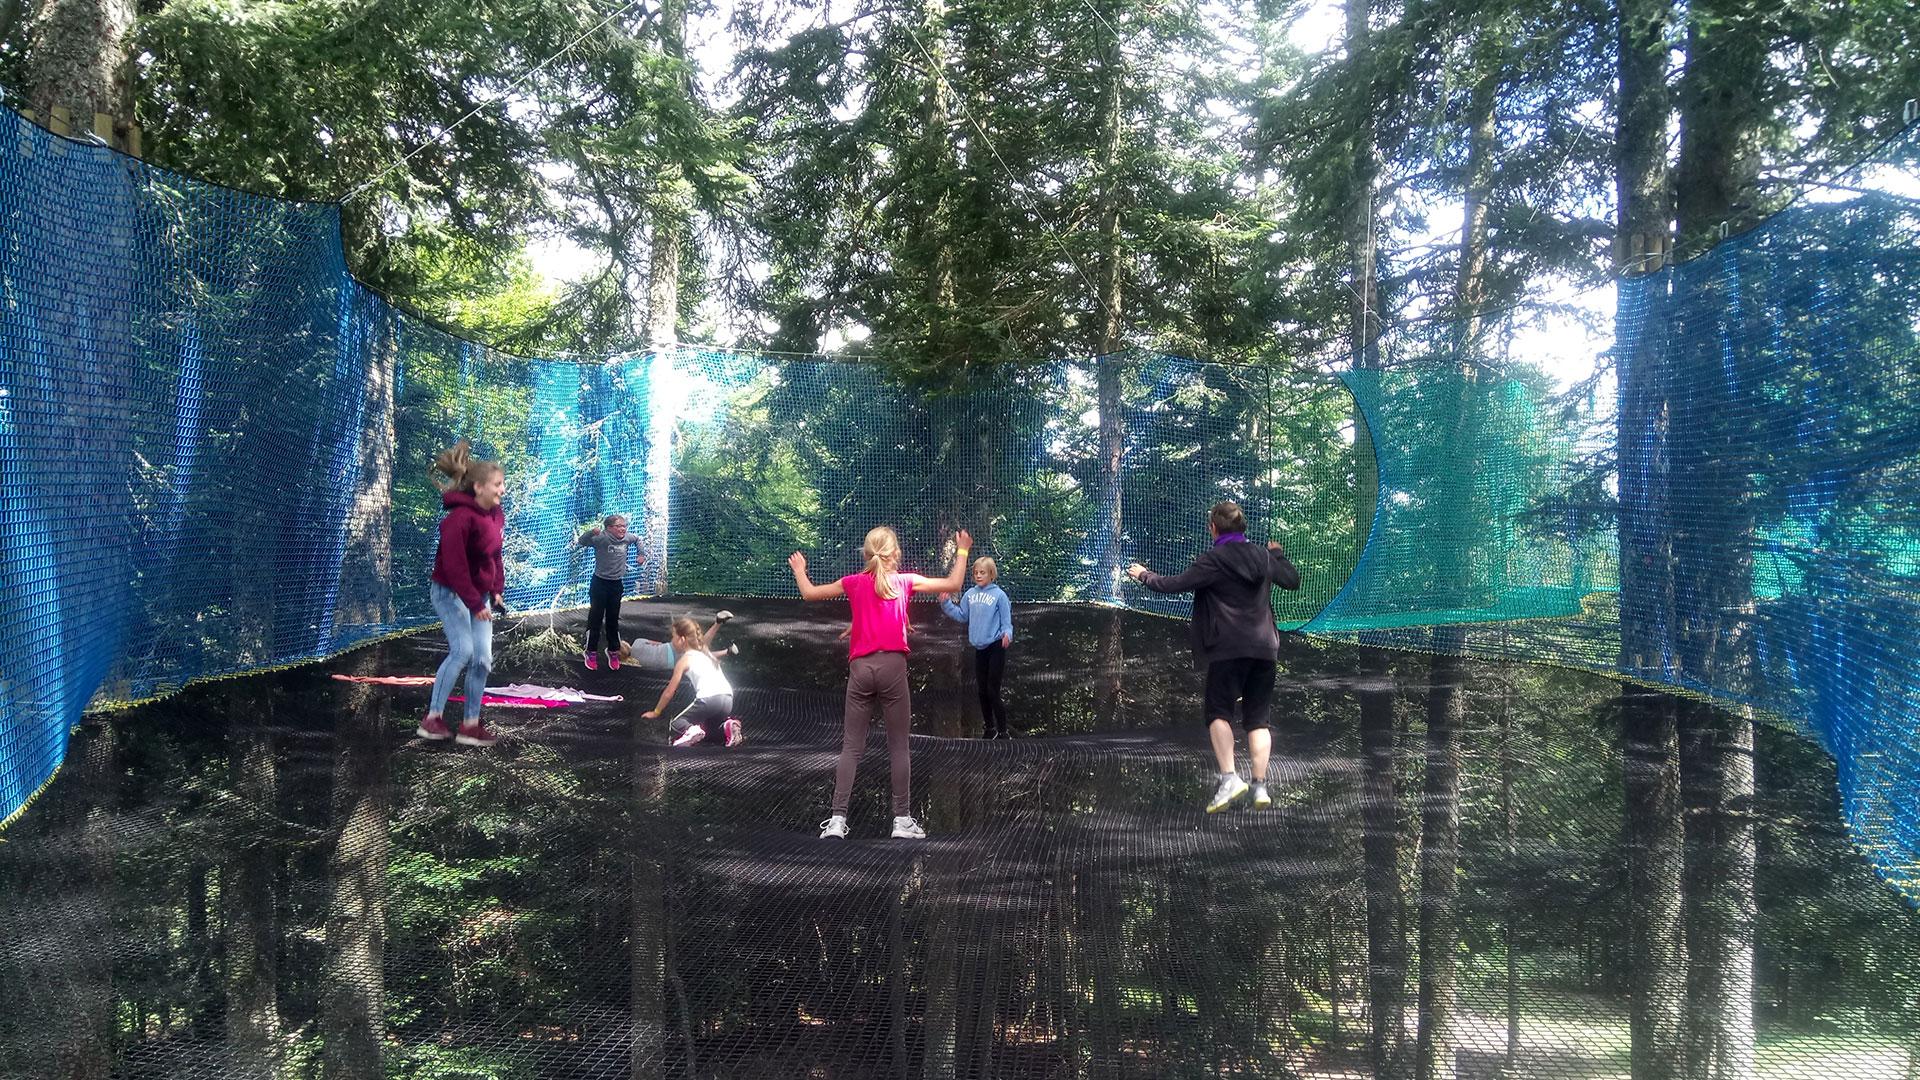 parc-activite-montagne-praboure-filets-suspendus-full-c